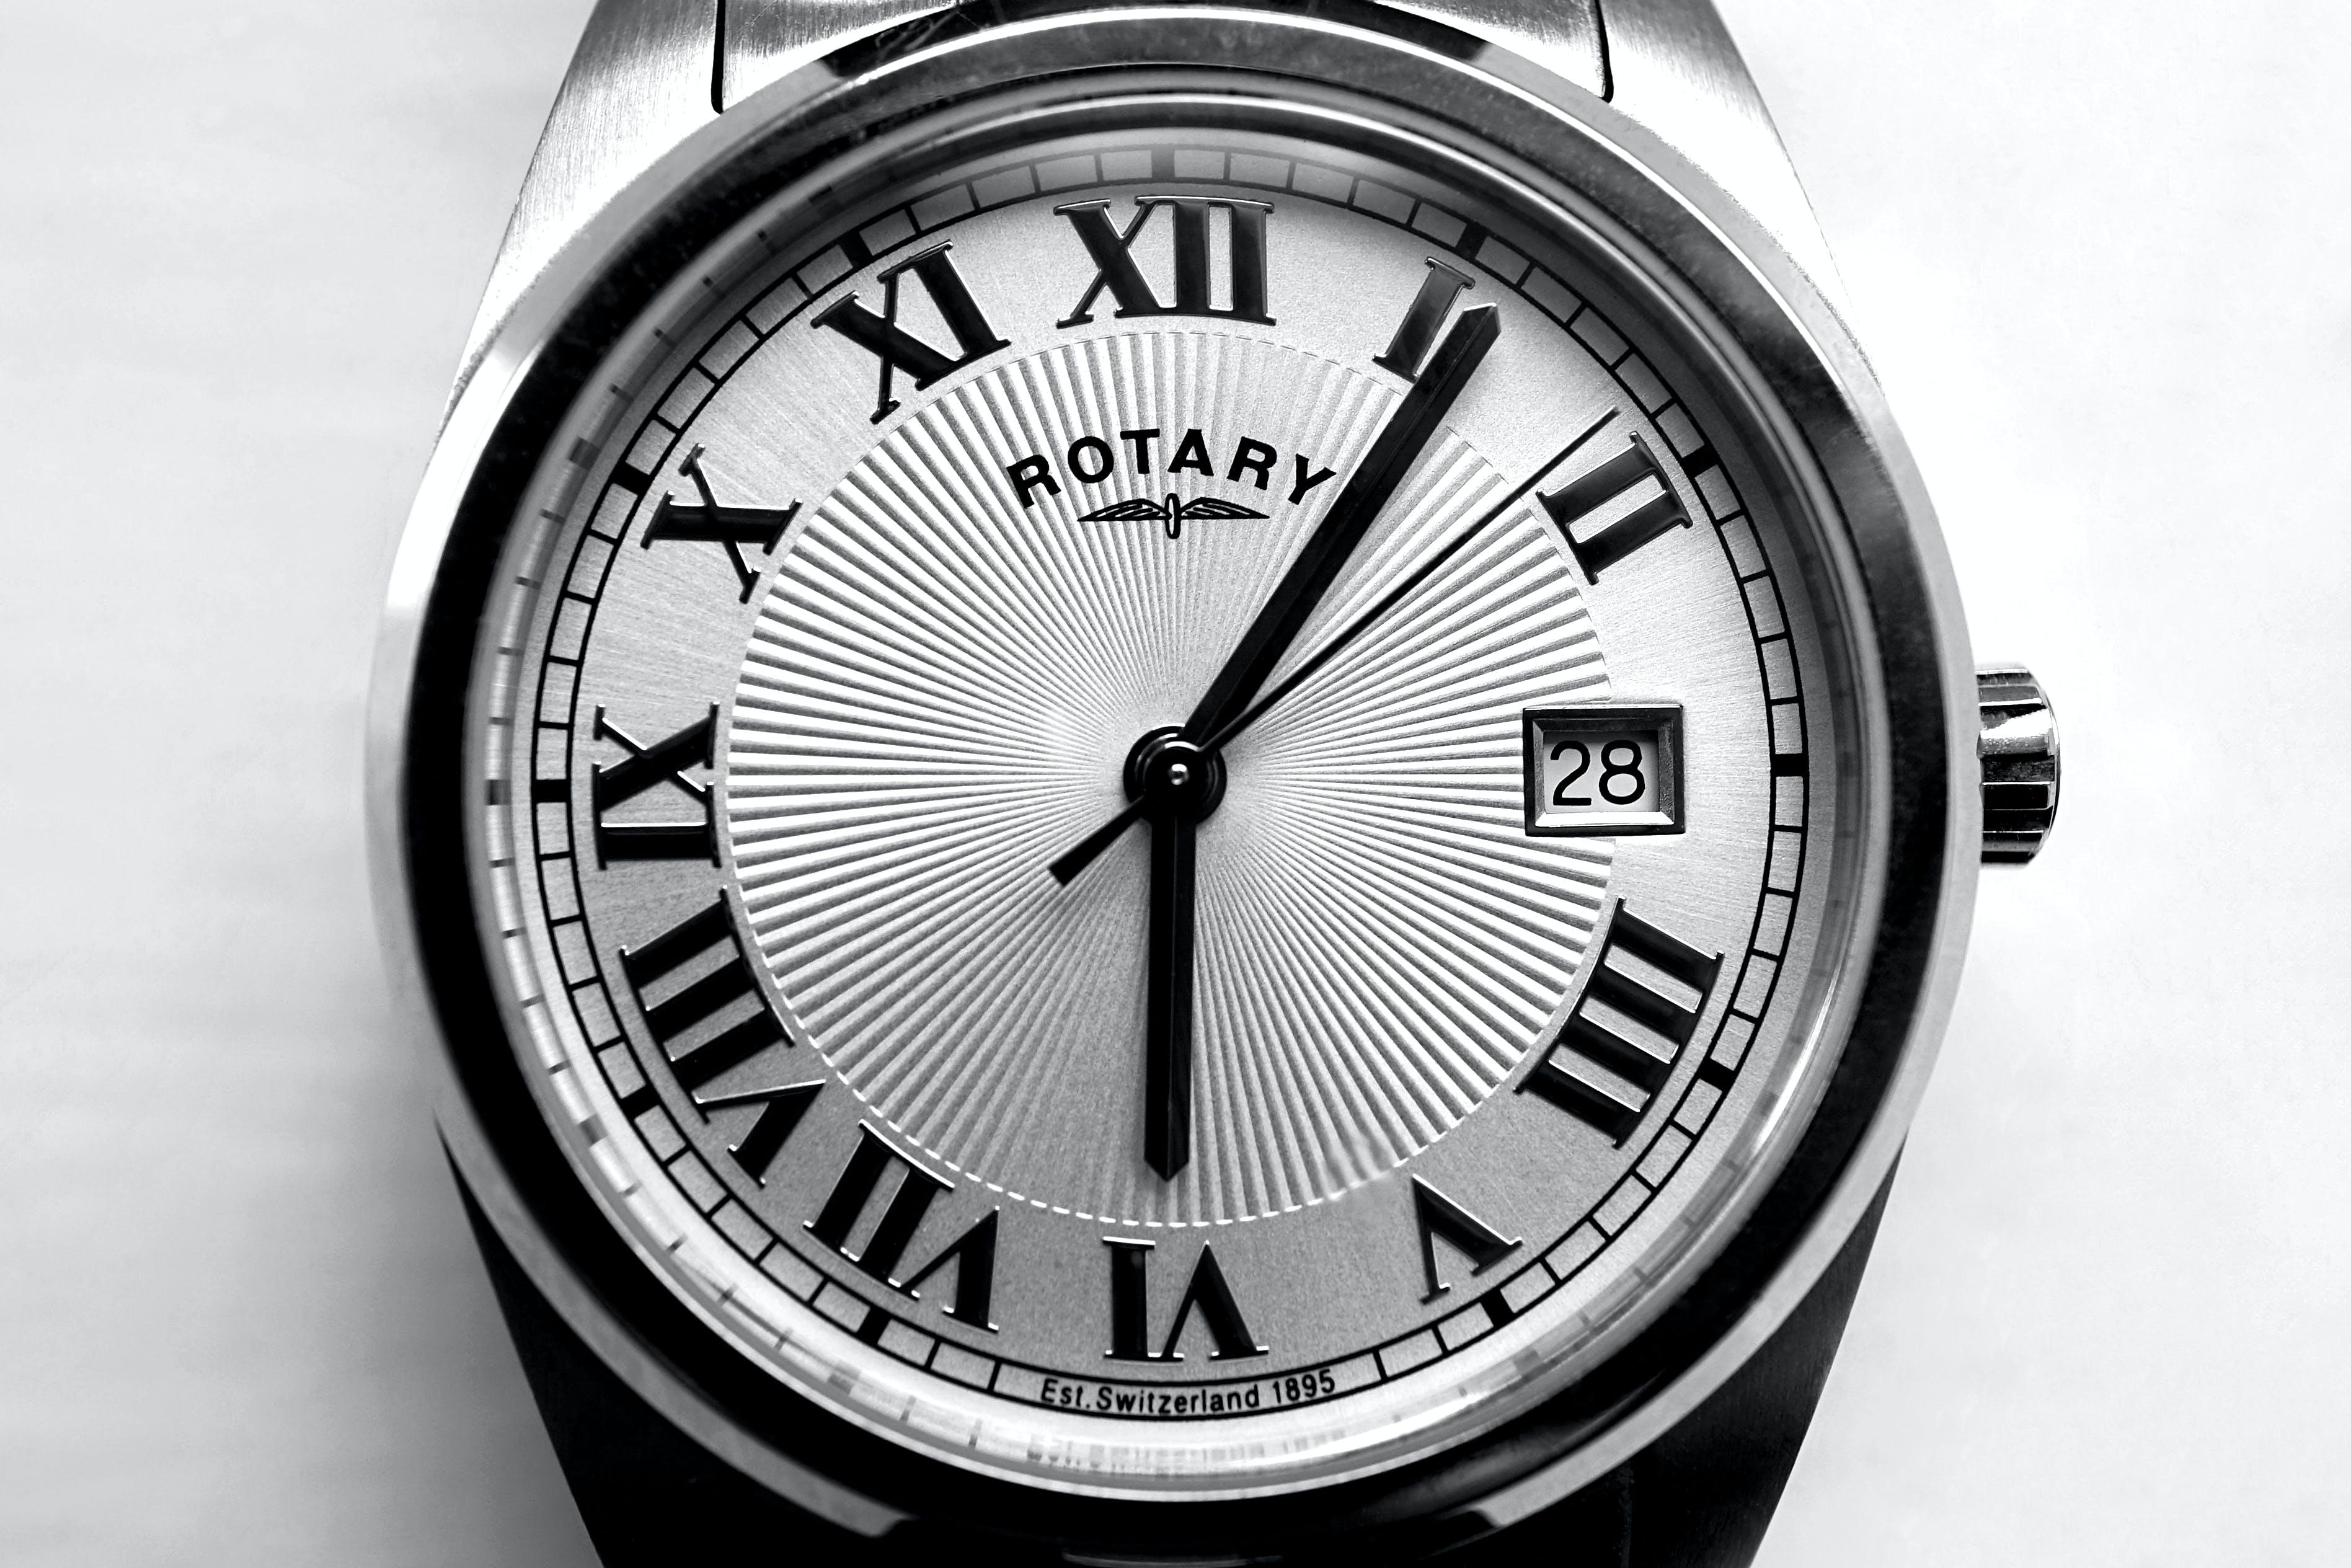 Round Gray Rotary Analog Watch 6:06 Display